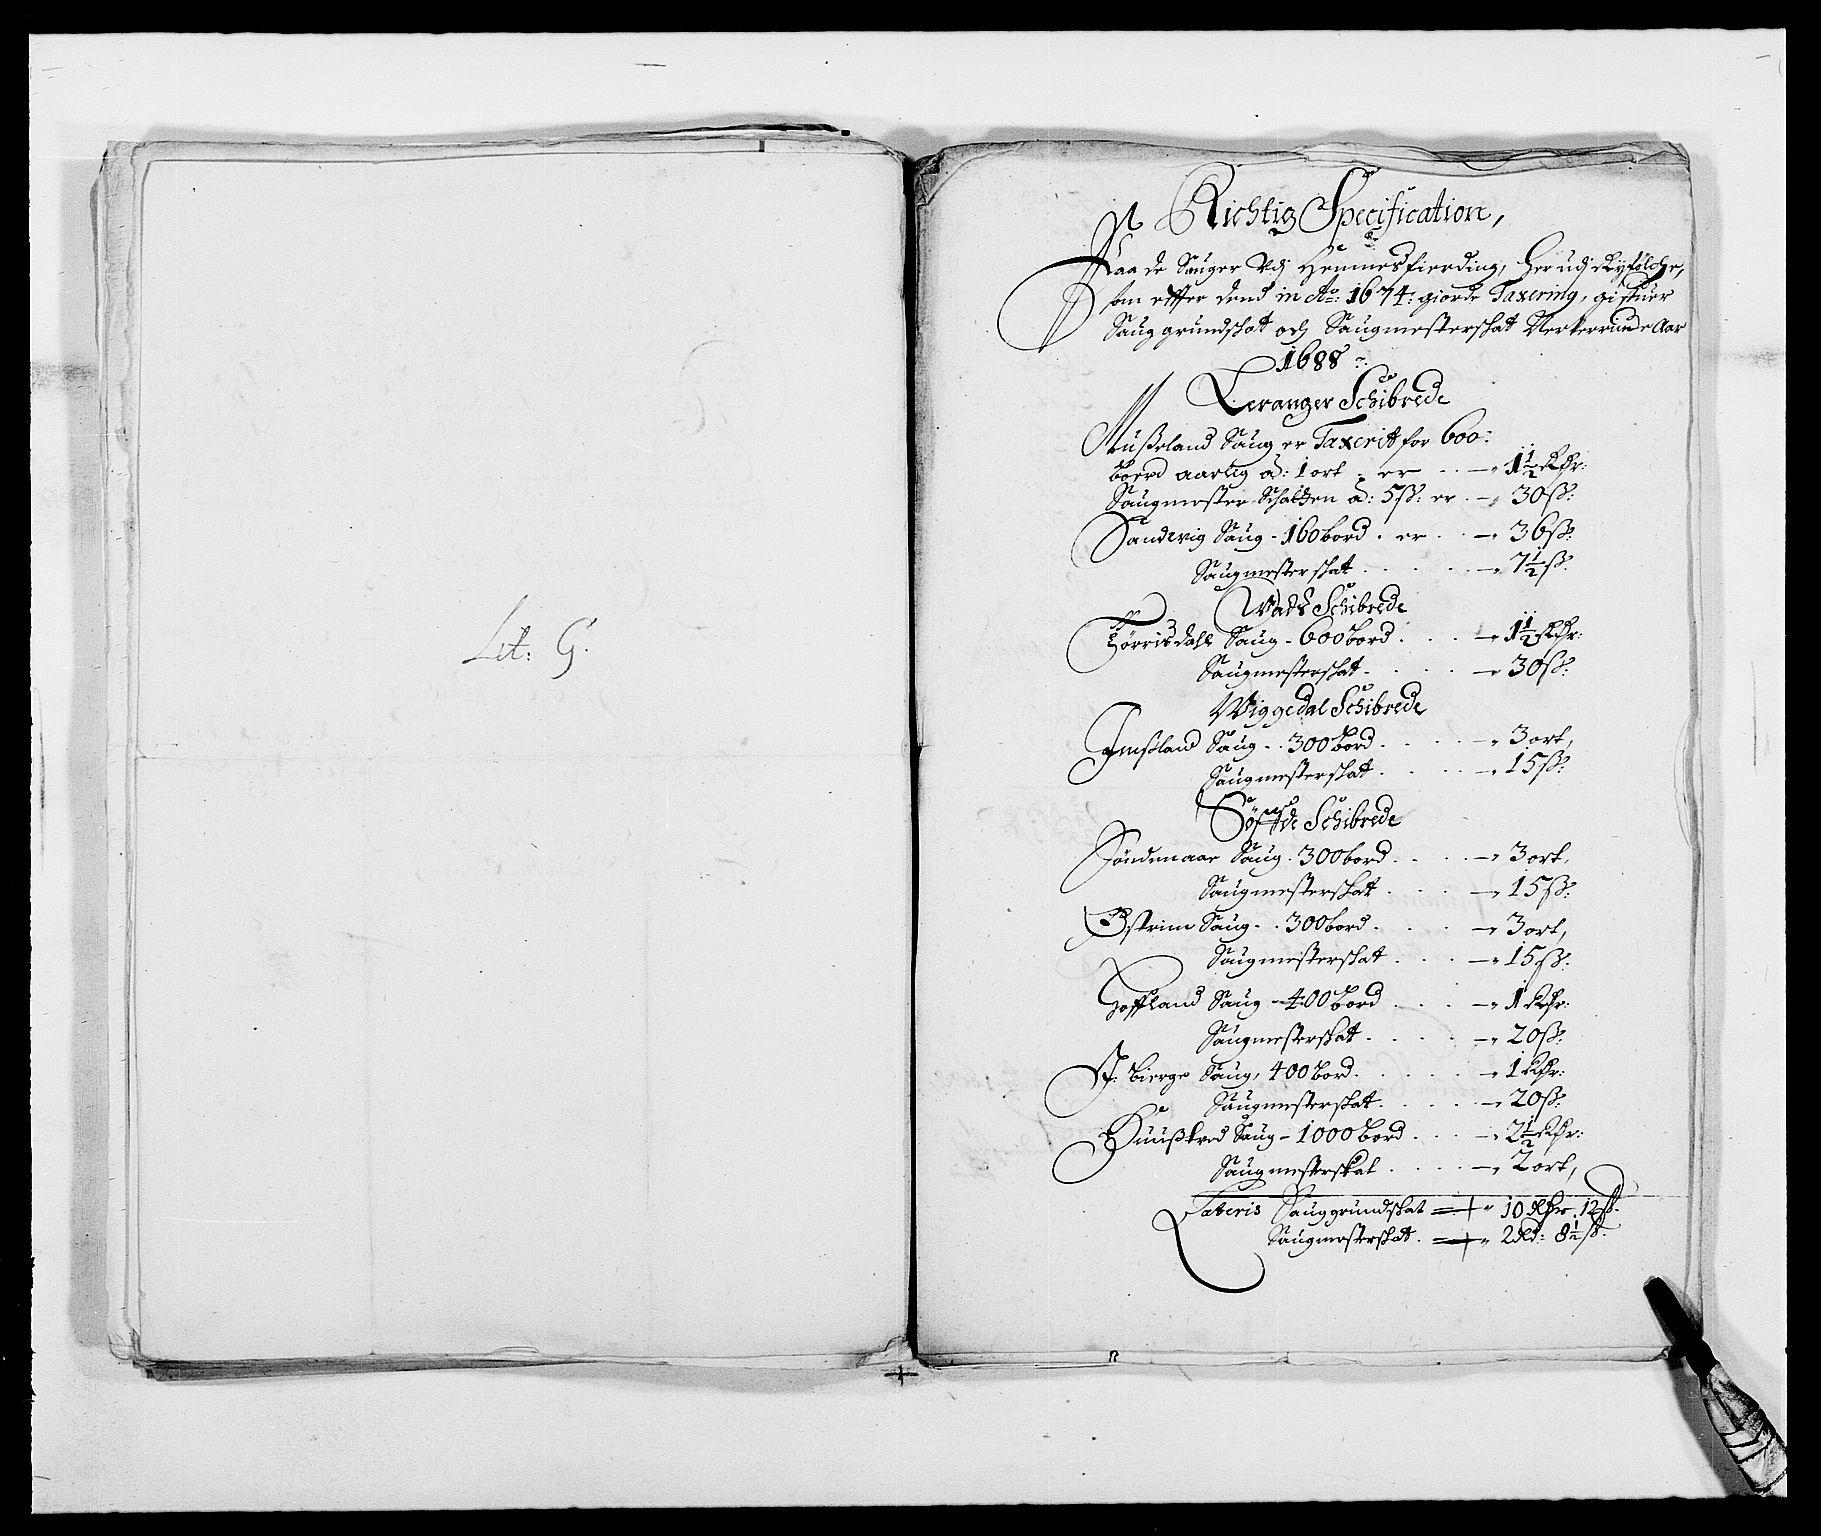 RA, Rentekammeret inntil 1814, Reviderte regnskaper, Fogderegnskap, R47/L2855: Fogderegnskap Ryfylke, 1685-1688, s. 387